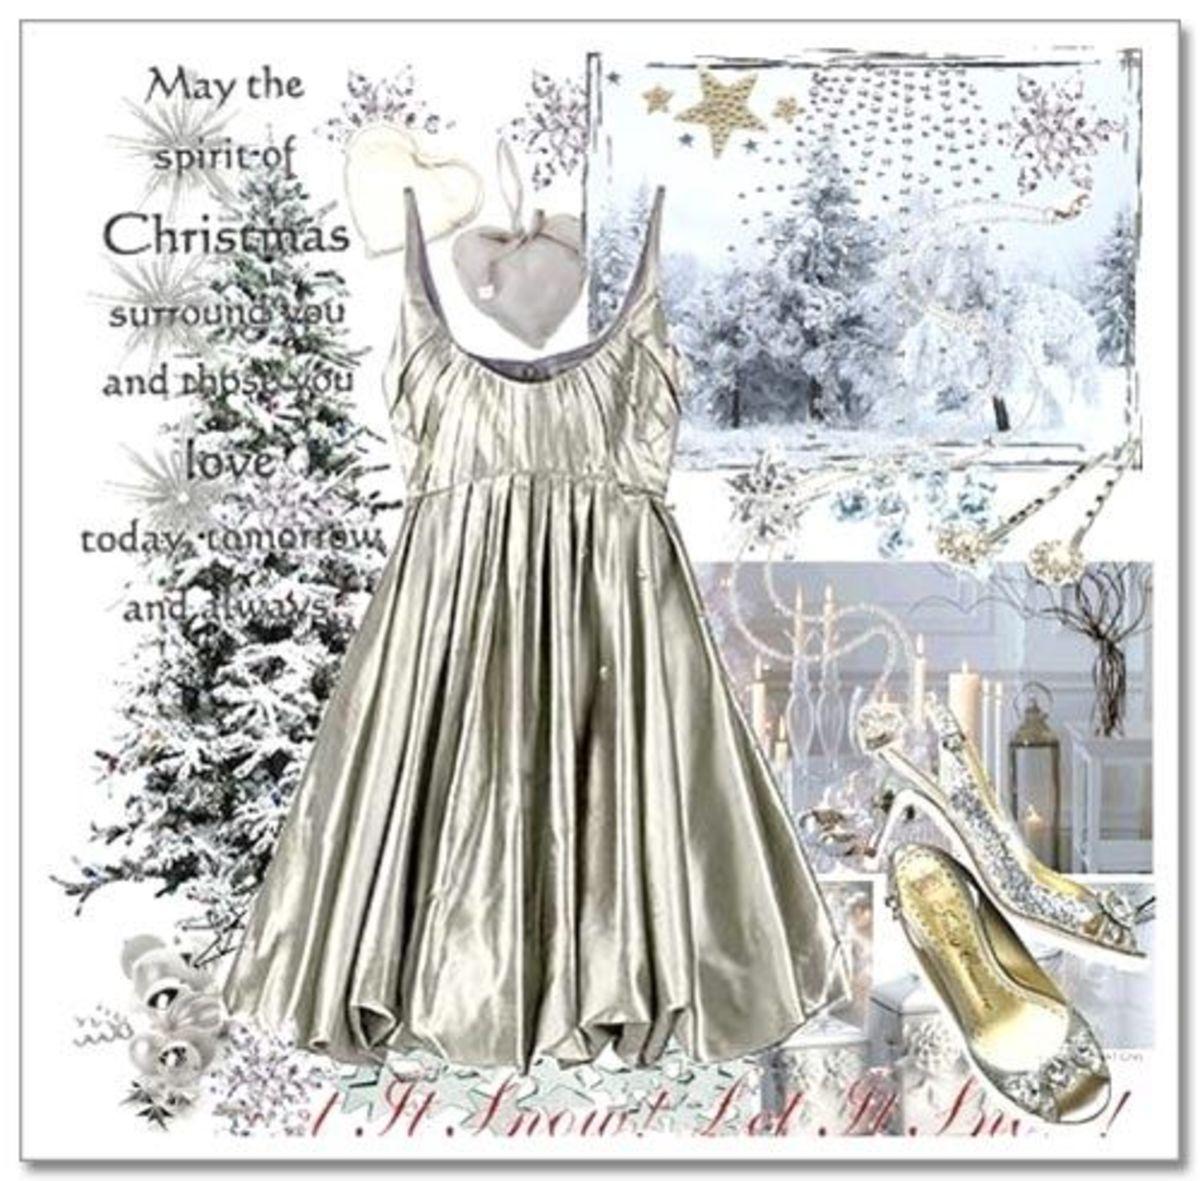 White Christmas Party fashion